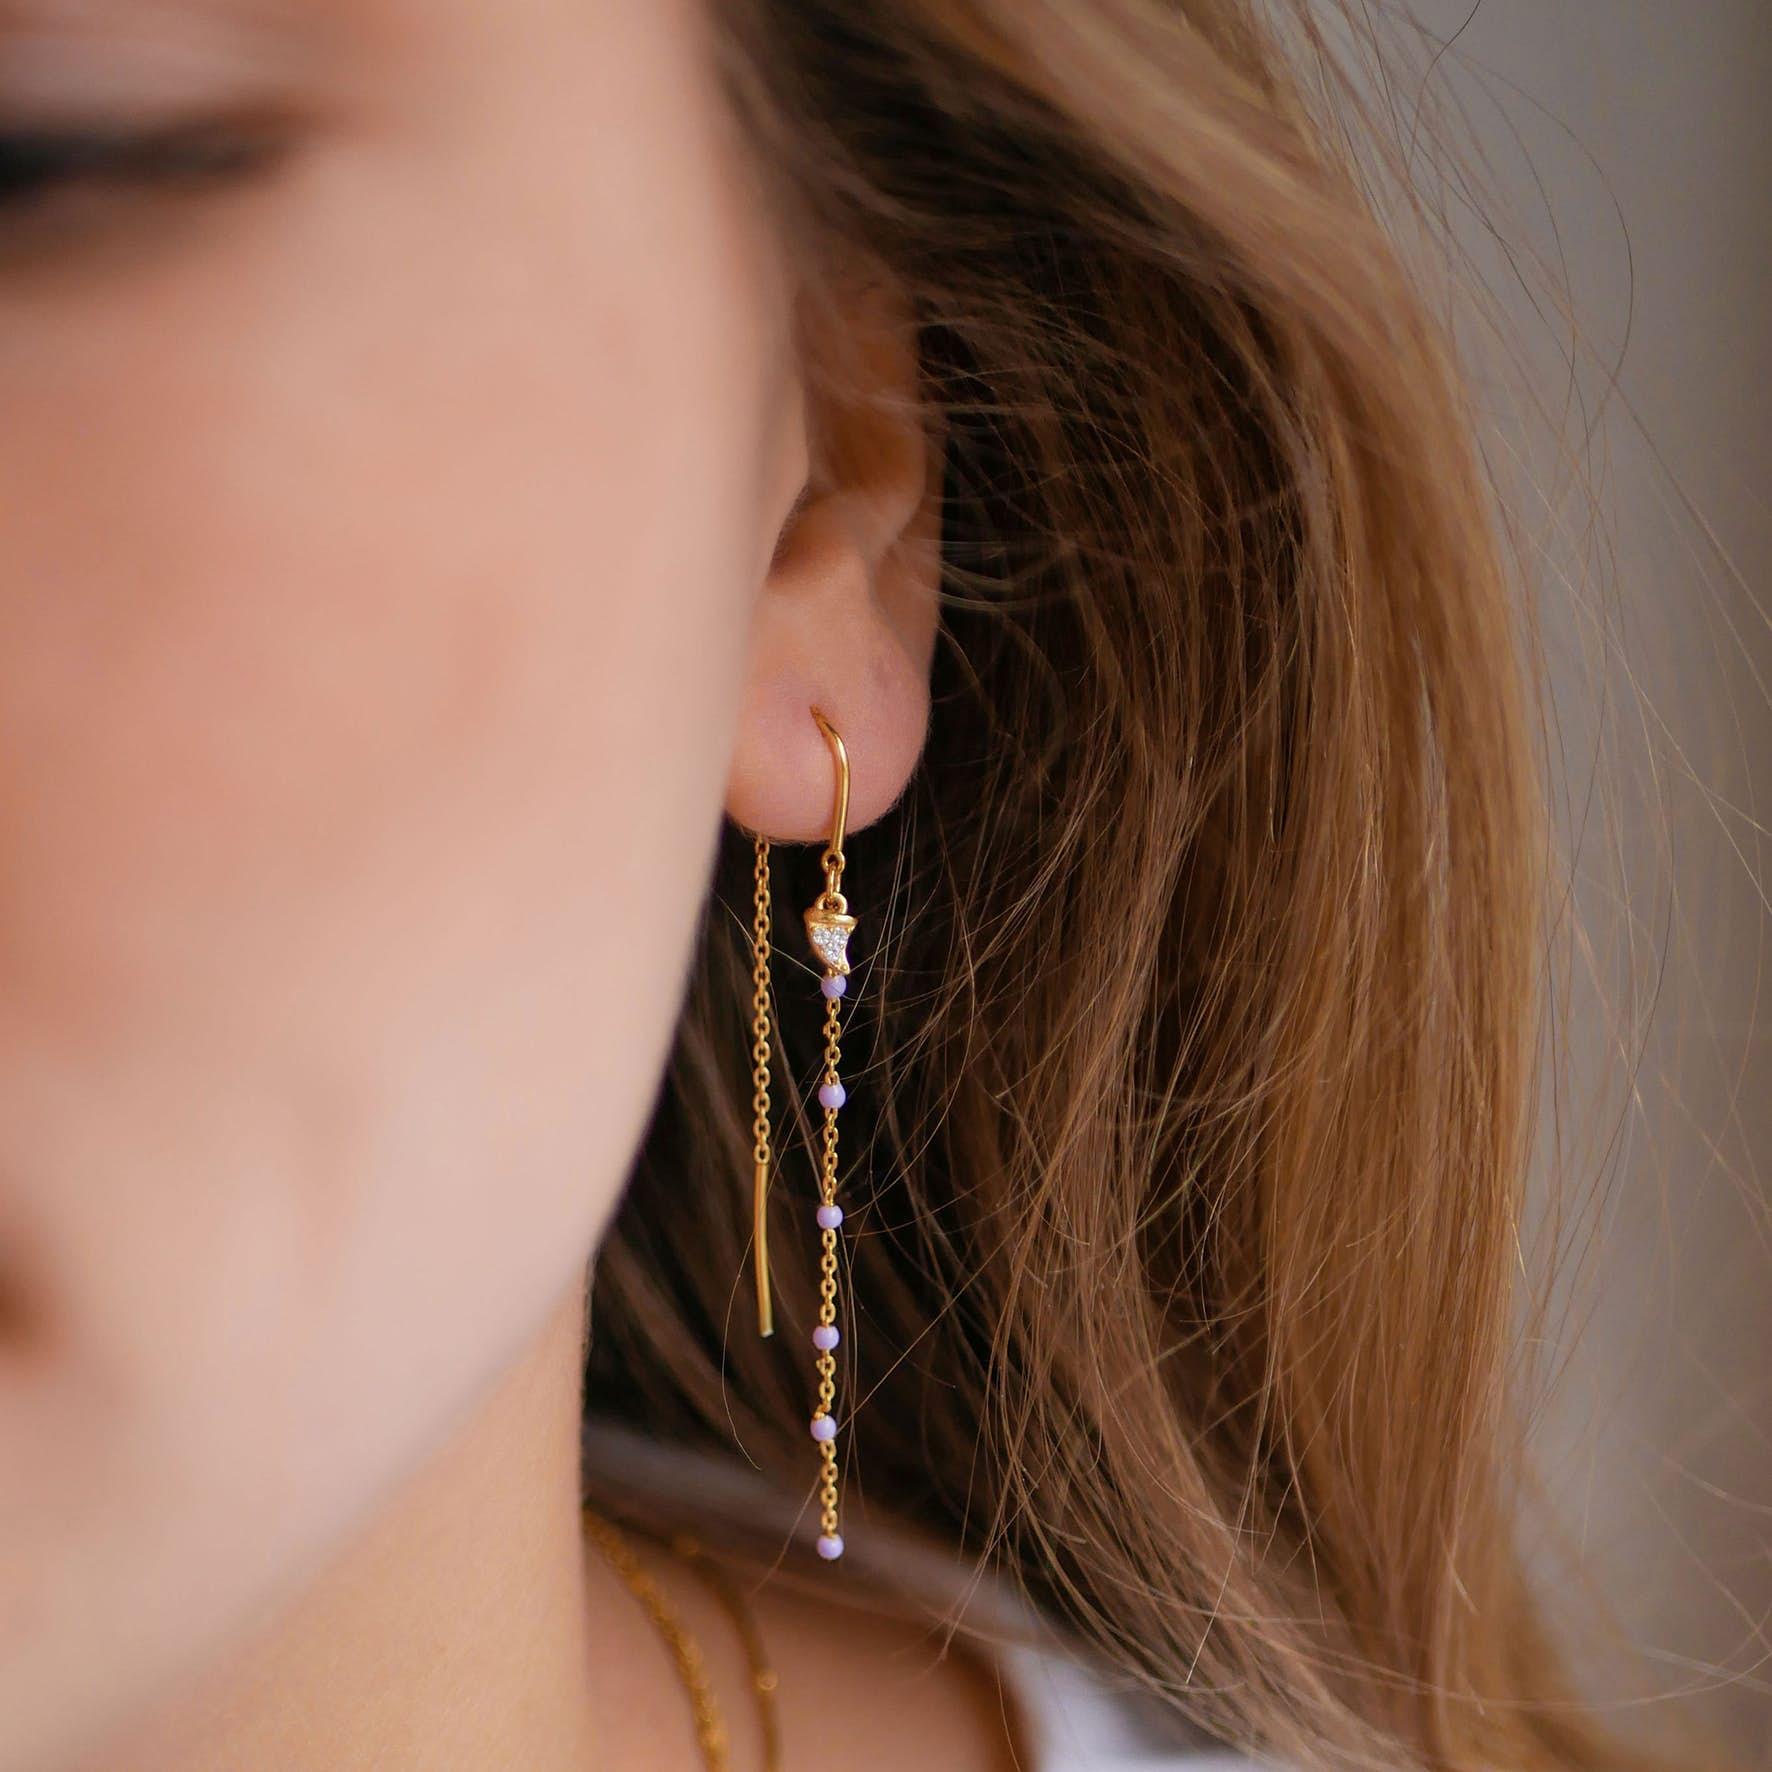 Pina Earrings from Enamel Copenhagen in Goldplated-Silver Sterling 925